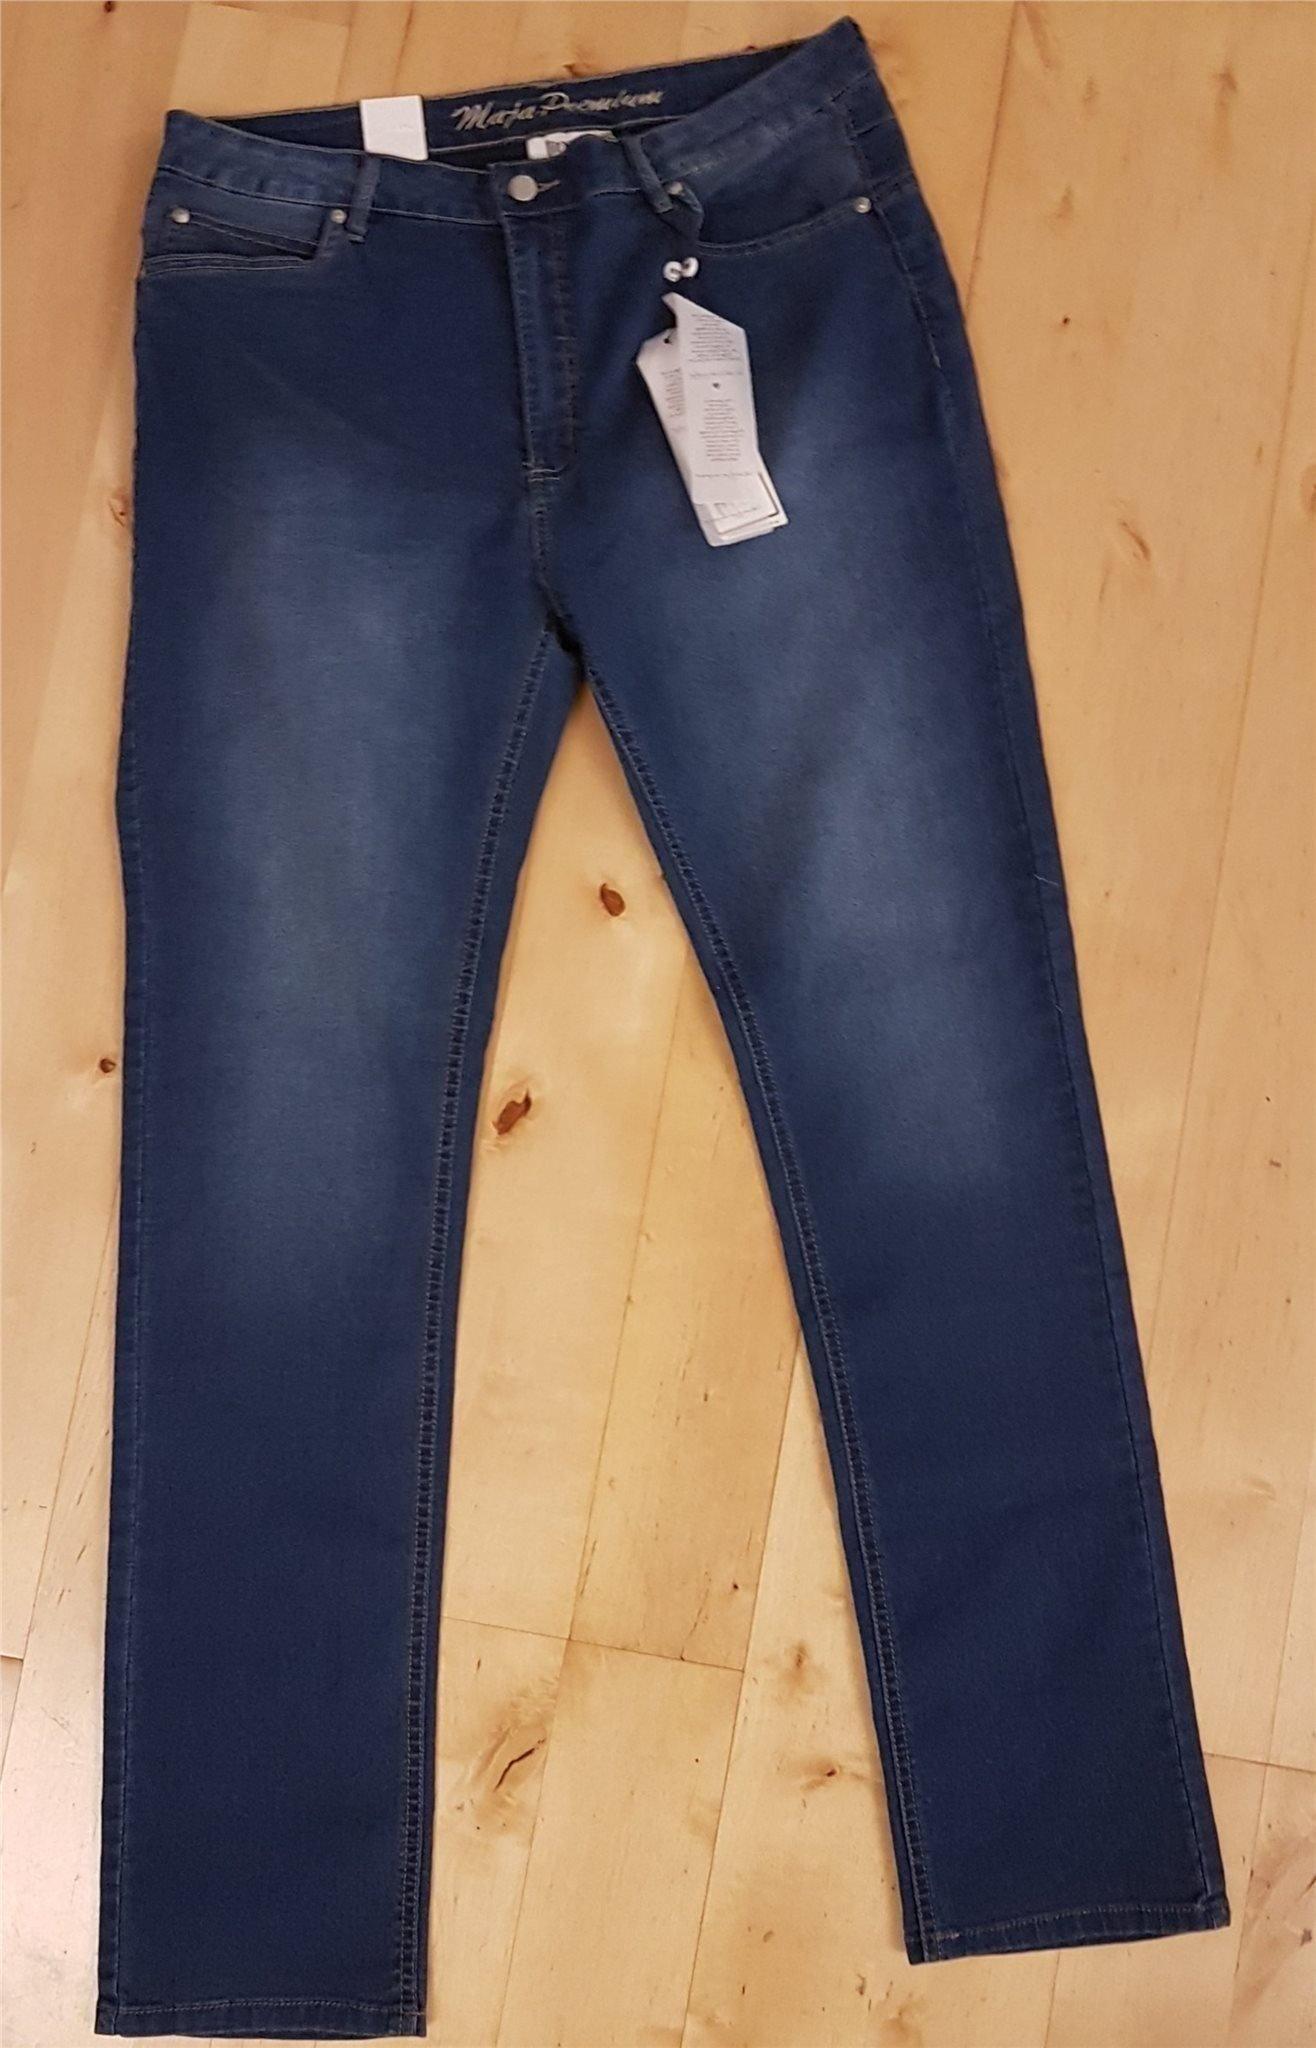 f447d88d3d08 Ny blå stretch jeans med hög midja från Time! (352581414) ᐈ Köp på ...